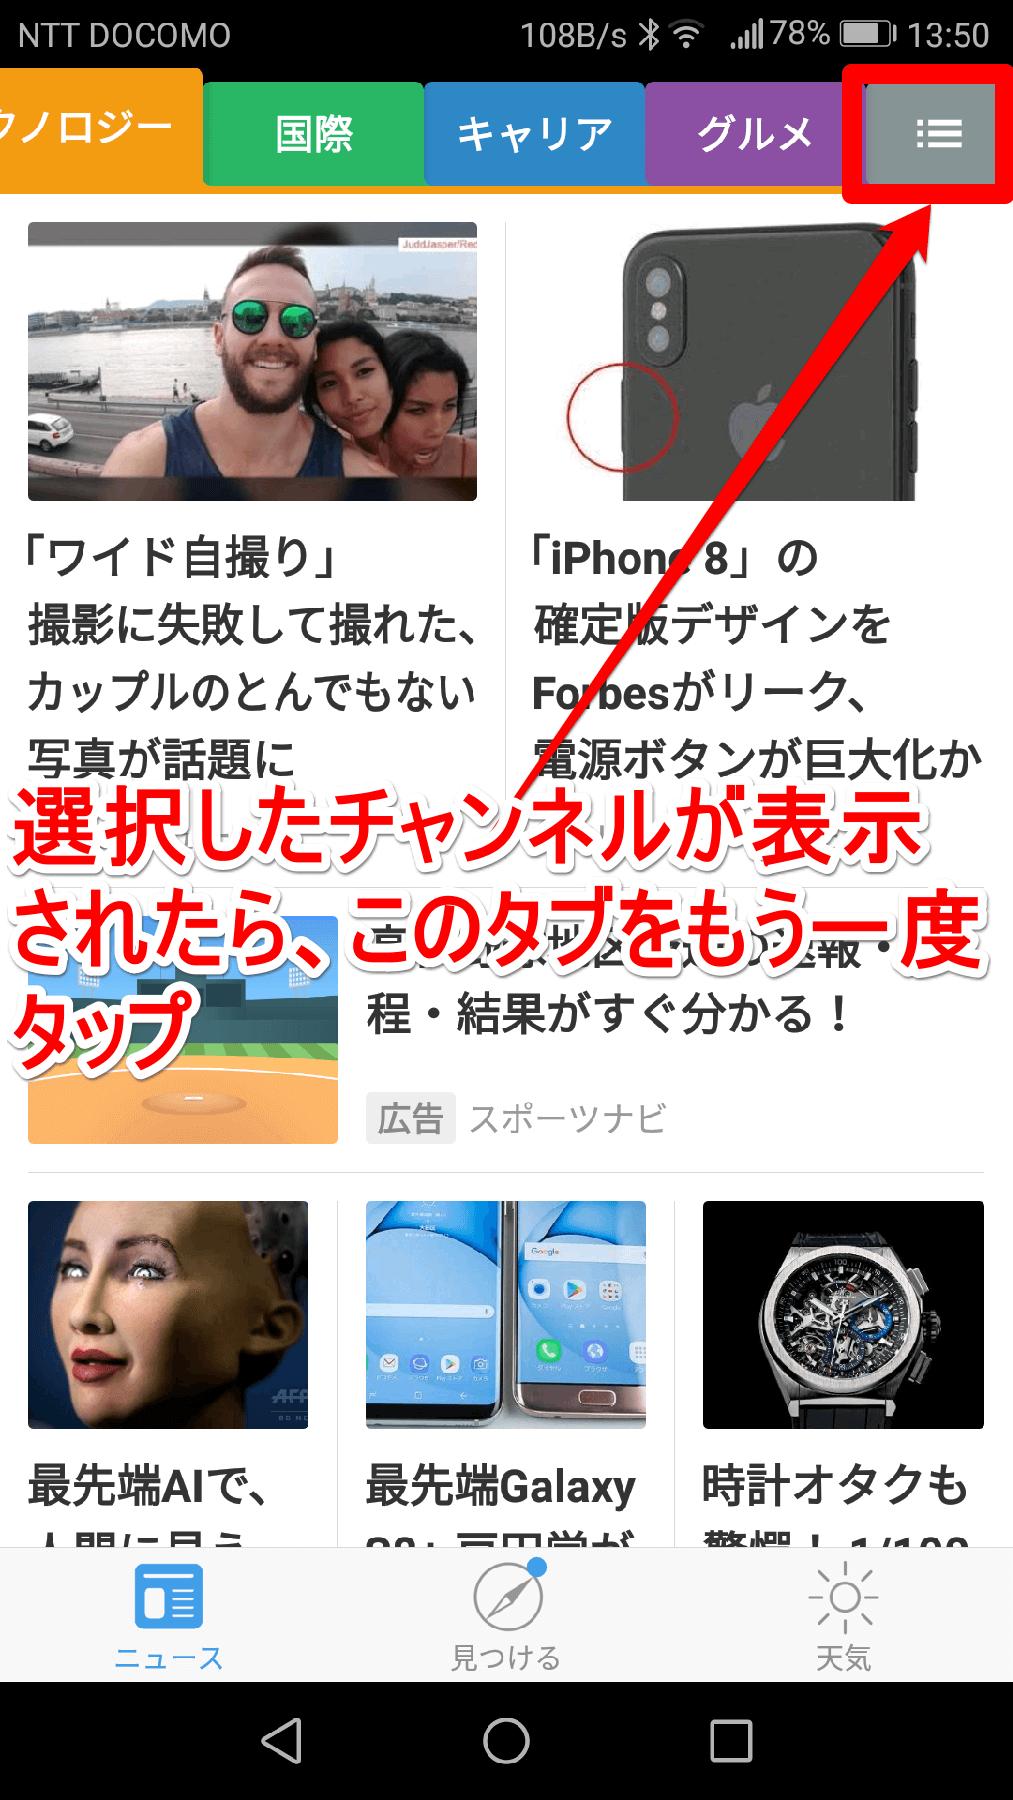 スマートニュース(スマニュー)のニュース表示画面